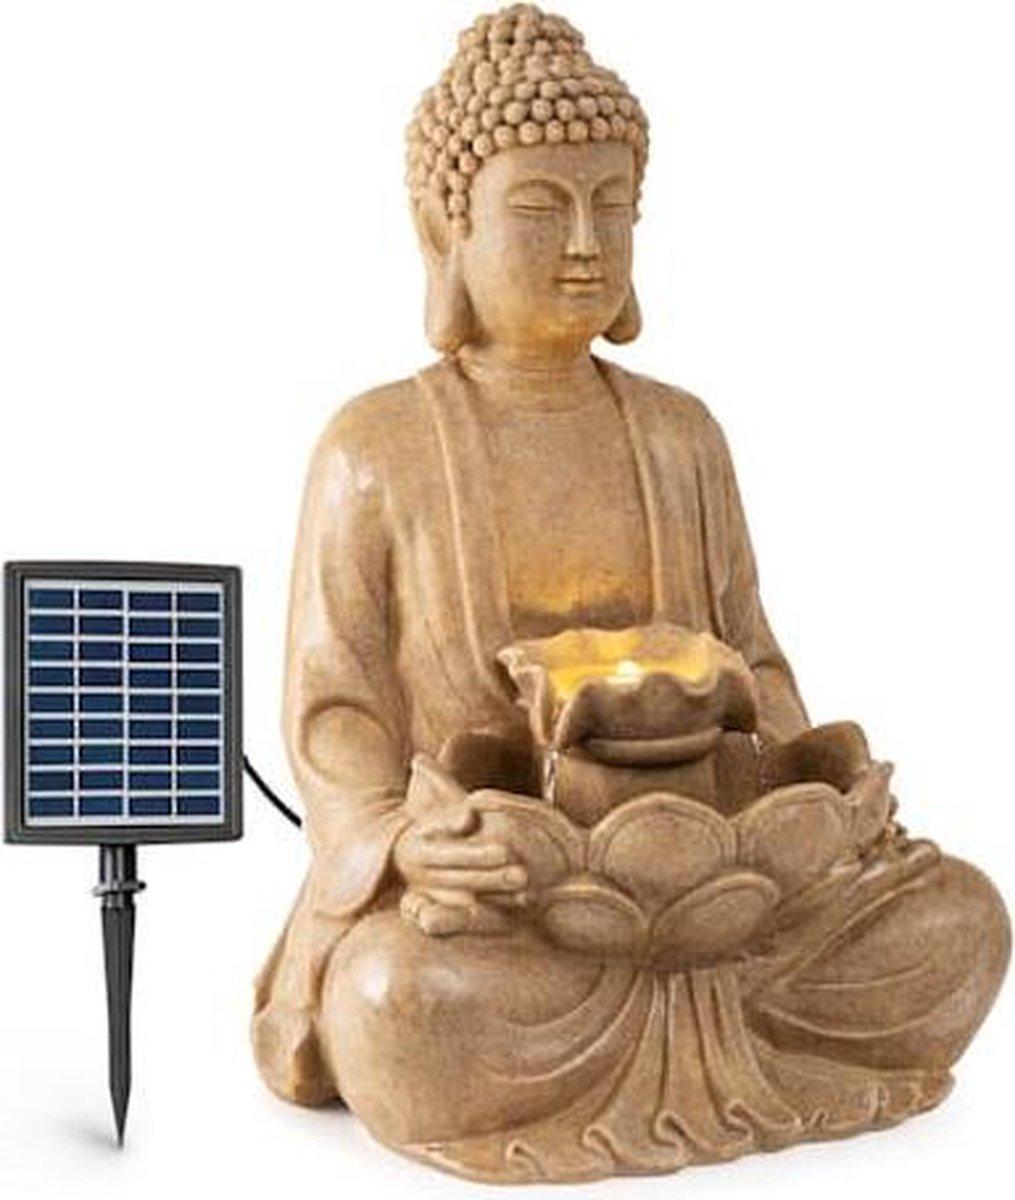 blumfeldt Dharma zonne-energie fontein - voor binnen en buiten - LED-verlichting - 48 x 72 x 41 cm (BxHxD) - Weerbestendig - Polyresin